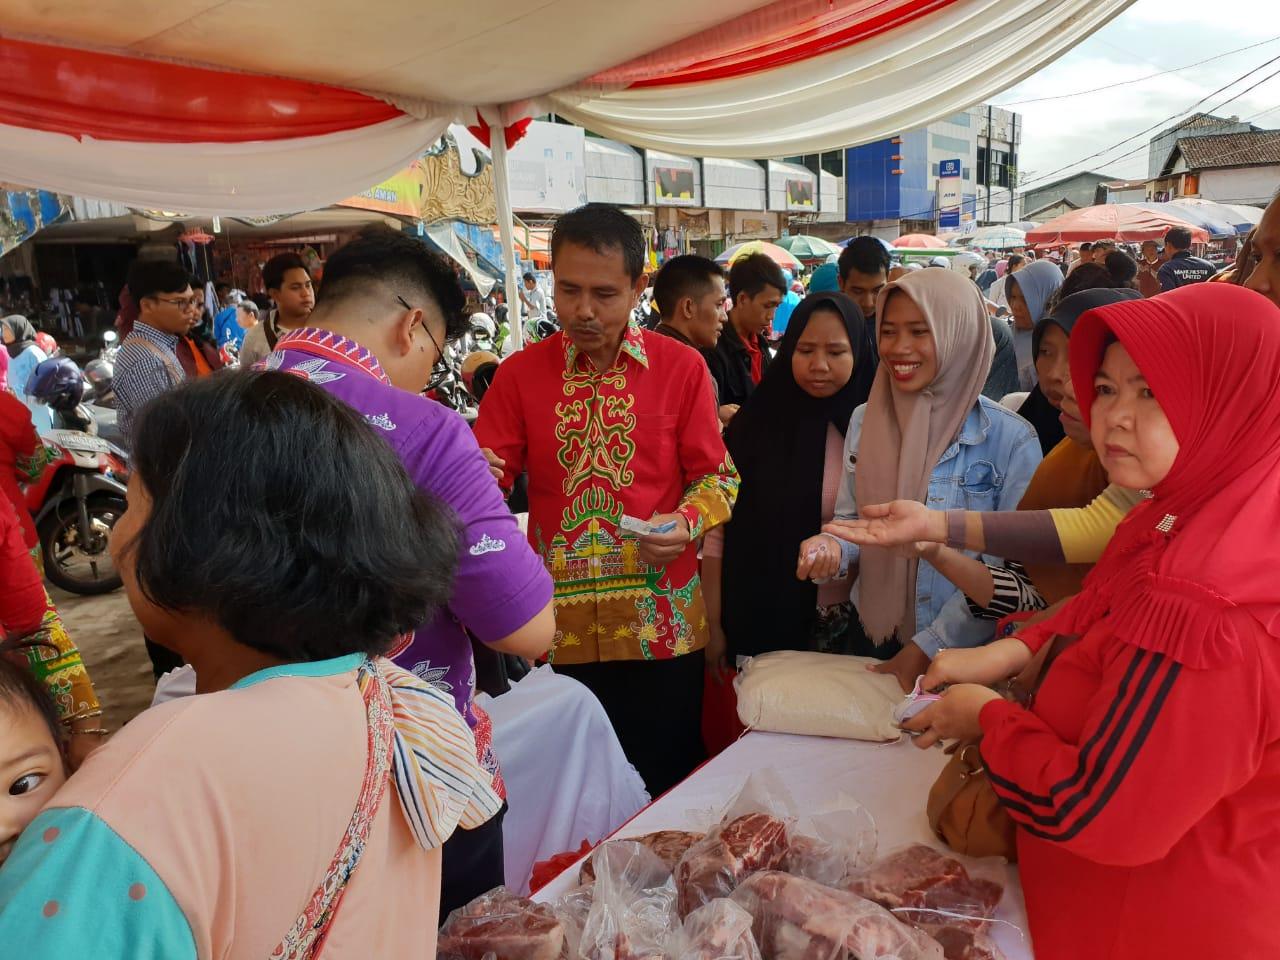 Beberapa pegawai Dinas Ketahanan Pangan Provinsi Lampung terlihat tengah sibuk melayani pengunjung Pasar Murah di Pasar Tugu Bandar Lampung, Minggu, 16 Desember 2018.